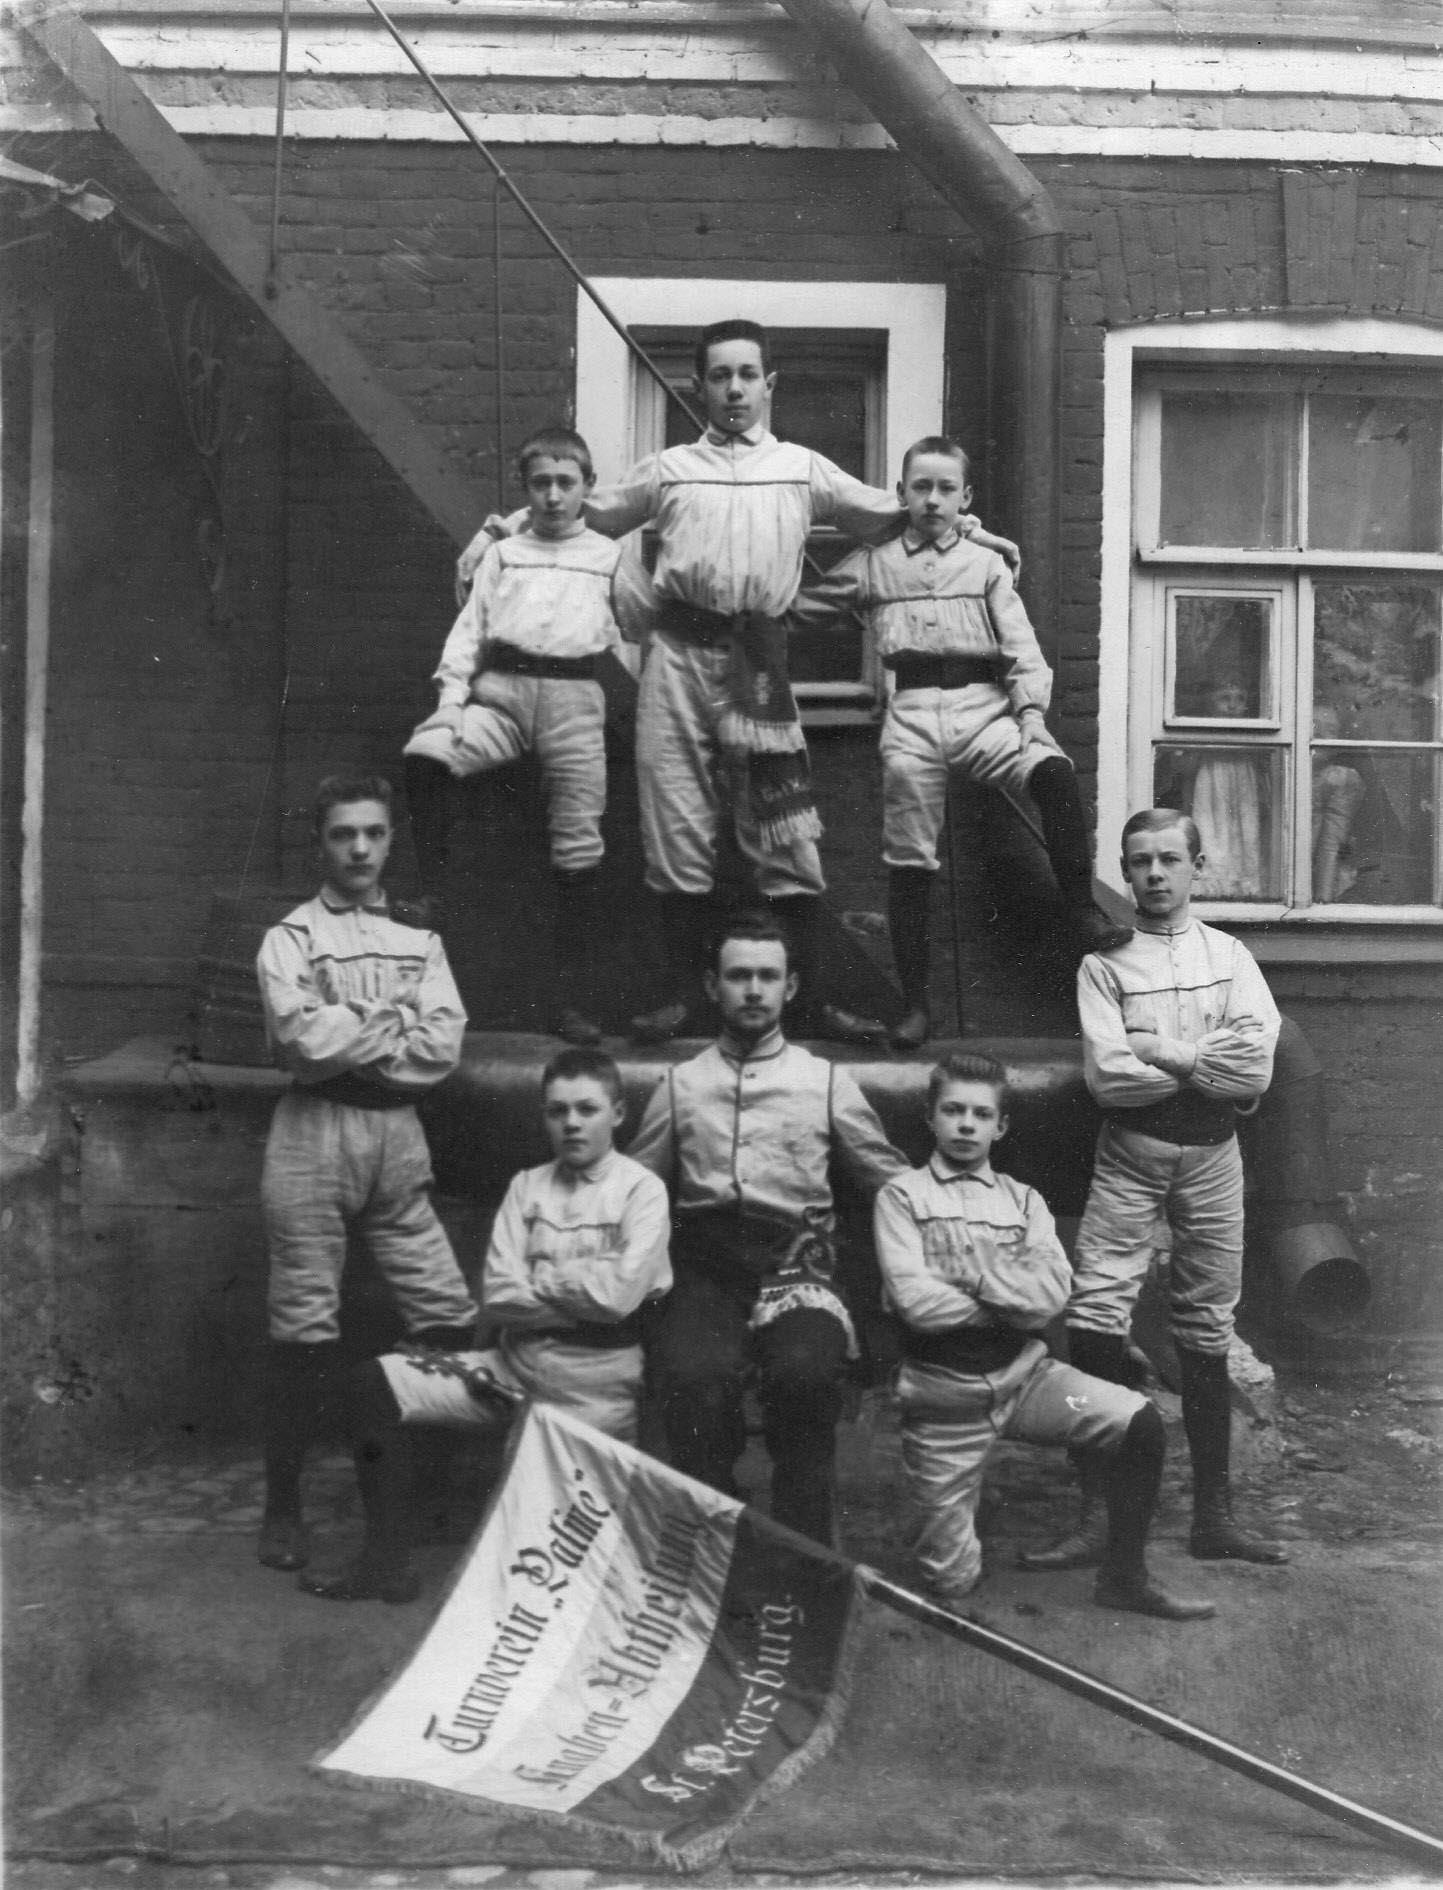 Юношеская группа членов гимнастического общества «Пальма» со знаменем